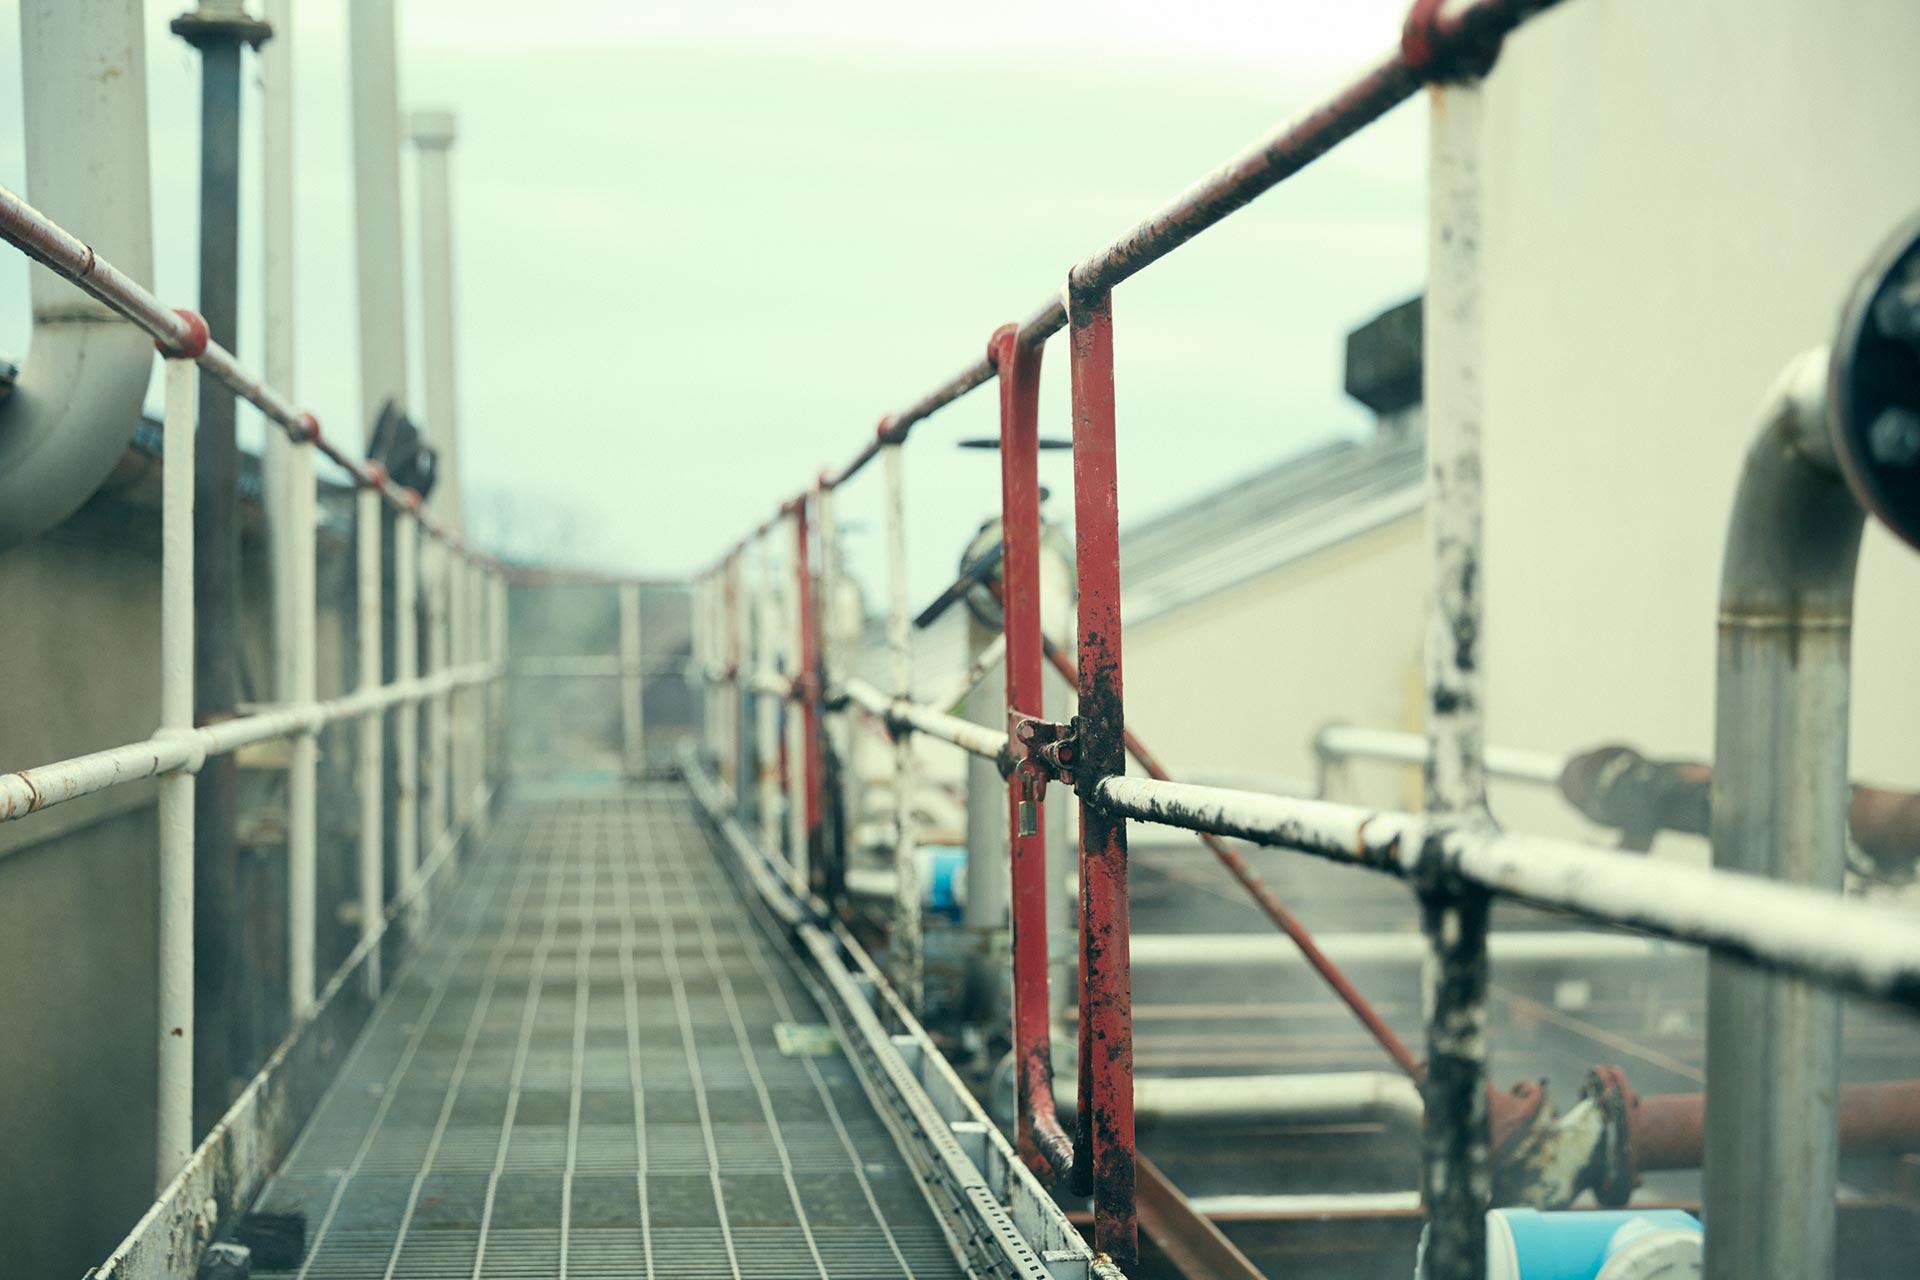 Über den Worm Tubs kann man auf einem Metallsteg entlanggehen (Foto: Hersteller)